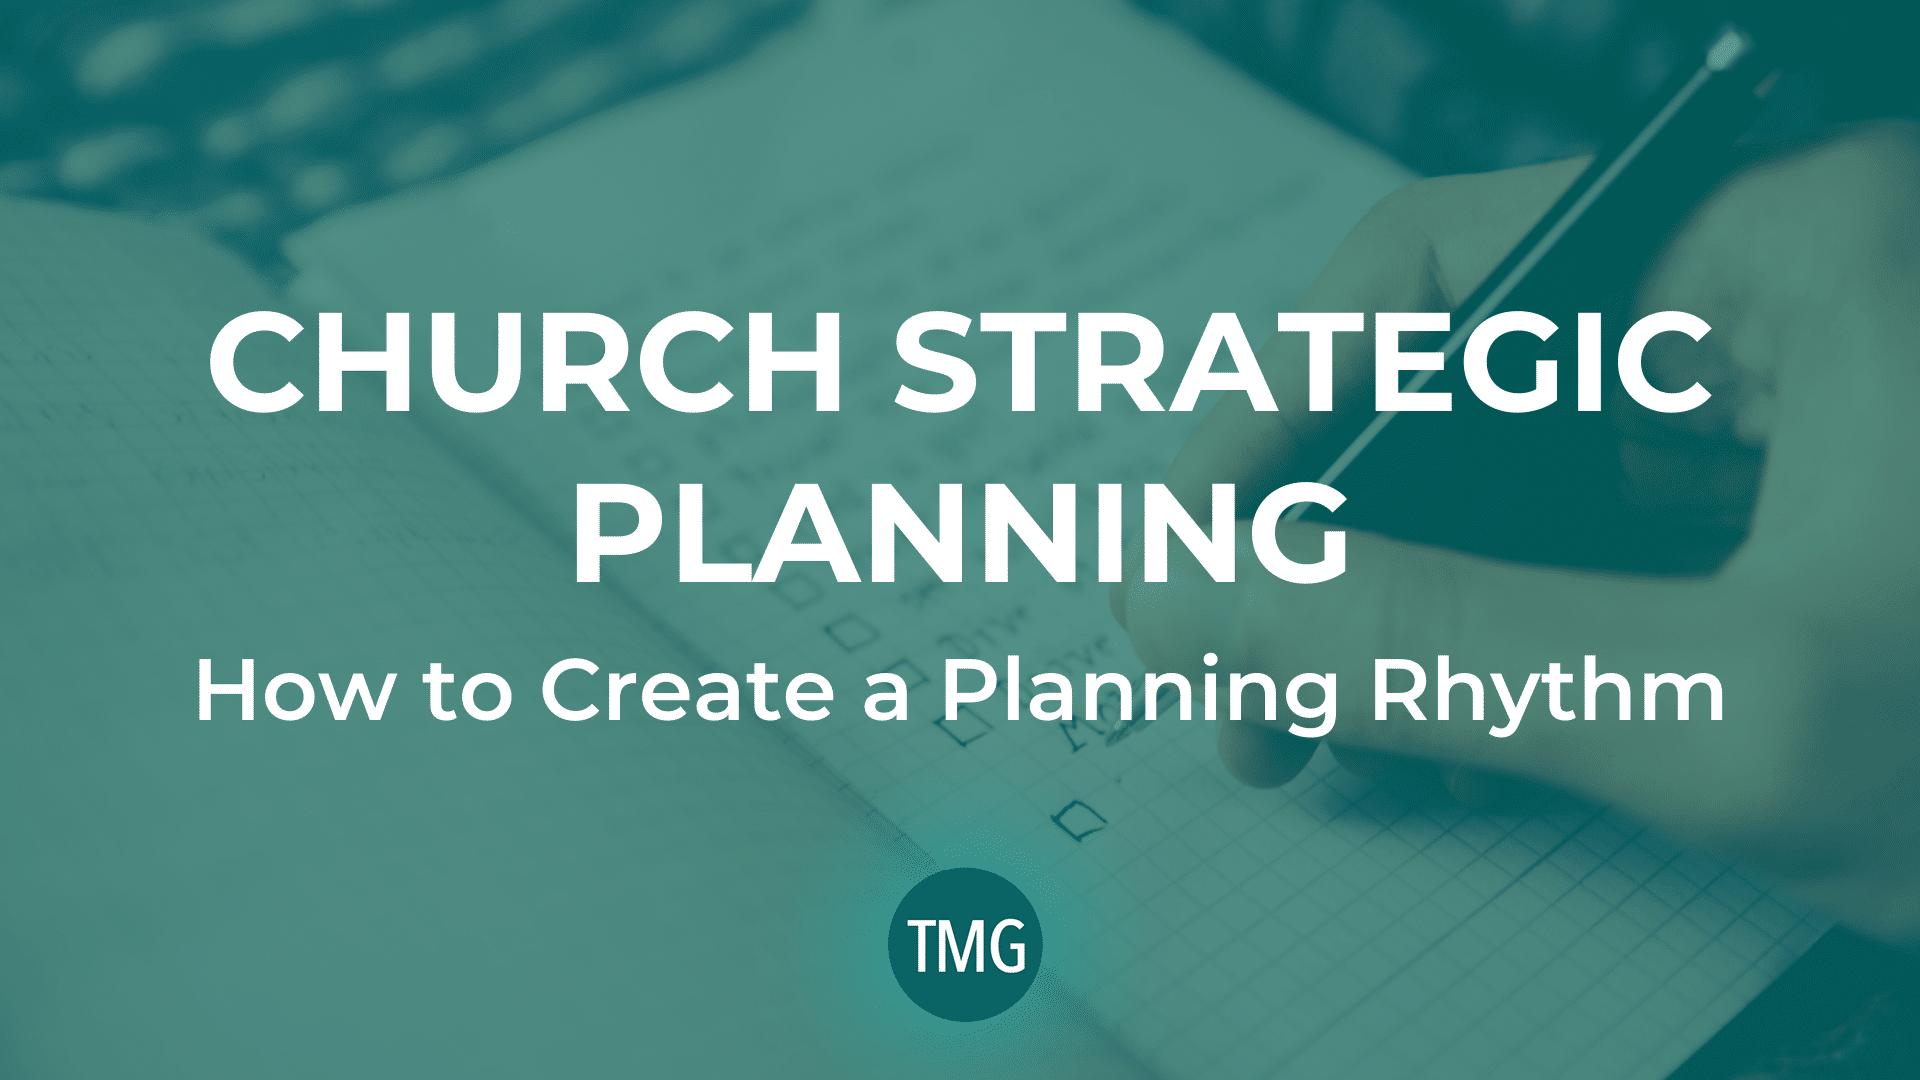 church-strategic-planning-create-a-planning-rhythm-header-image